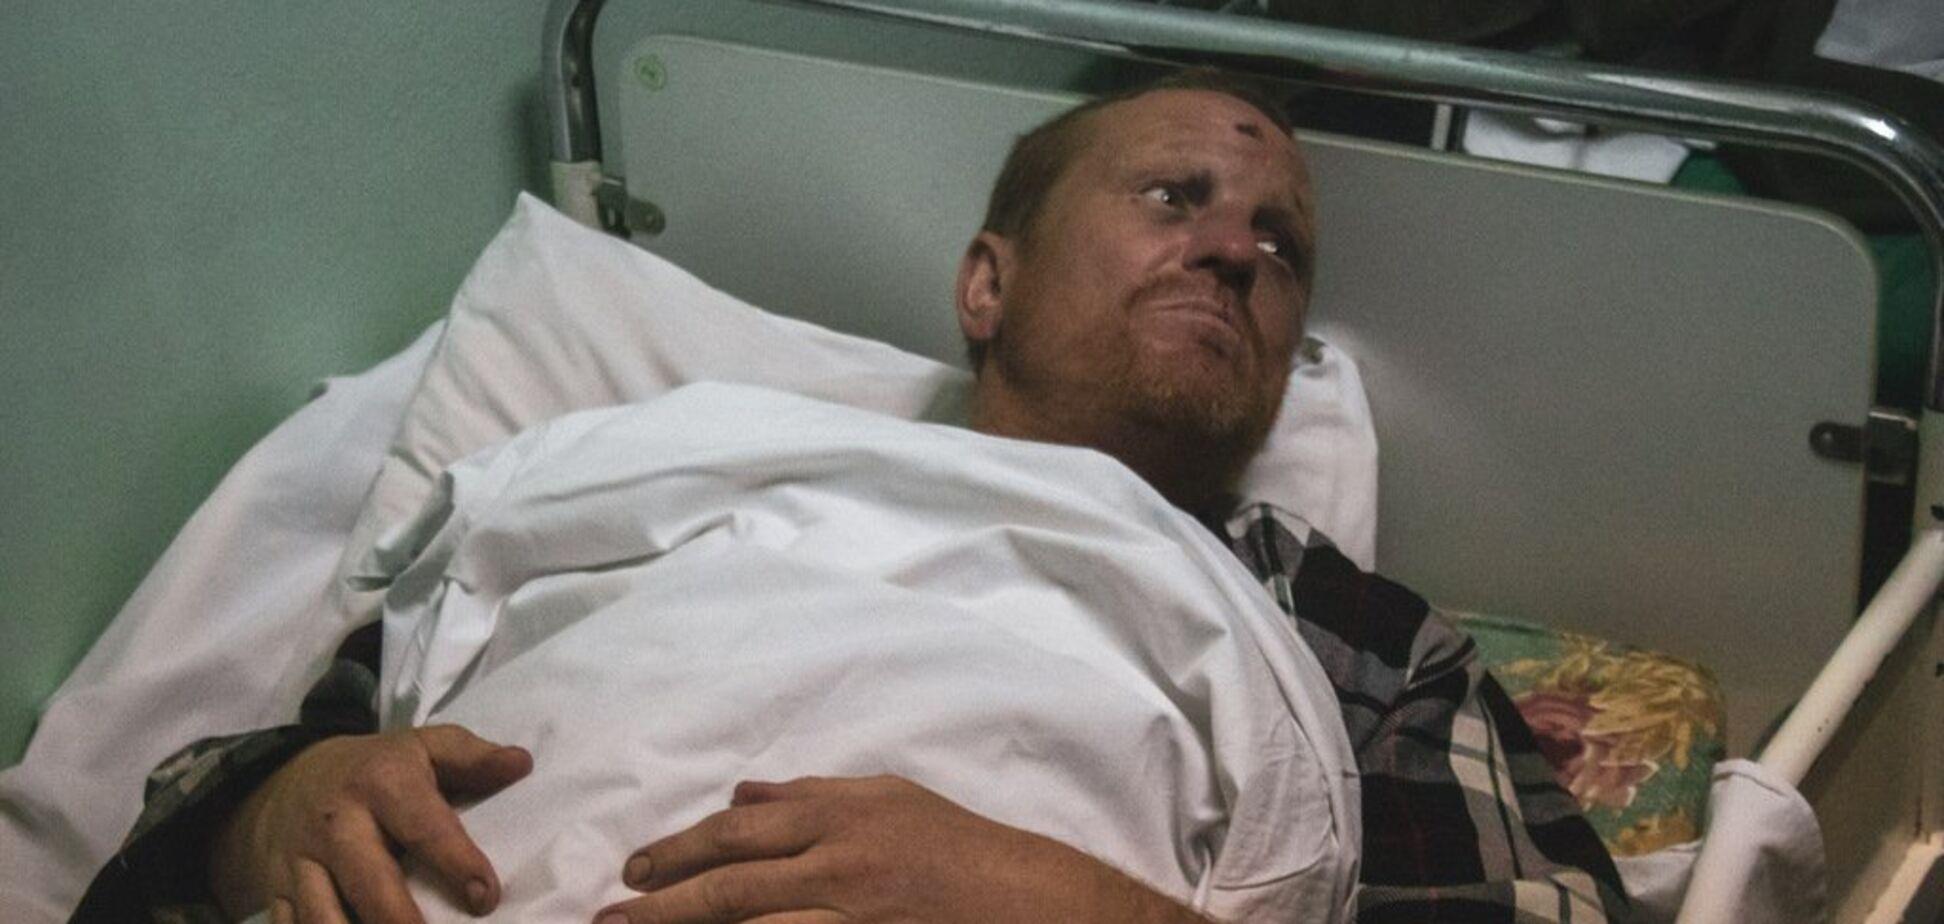 Хотел умереть: в Киеве избили и ограбили туриста из Ирландии